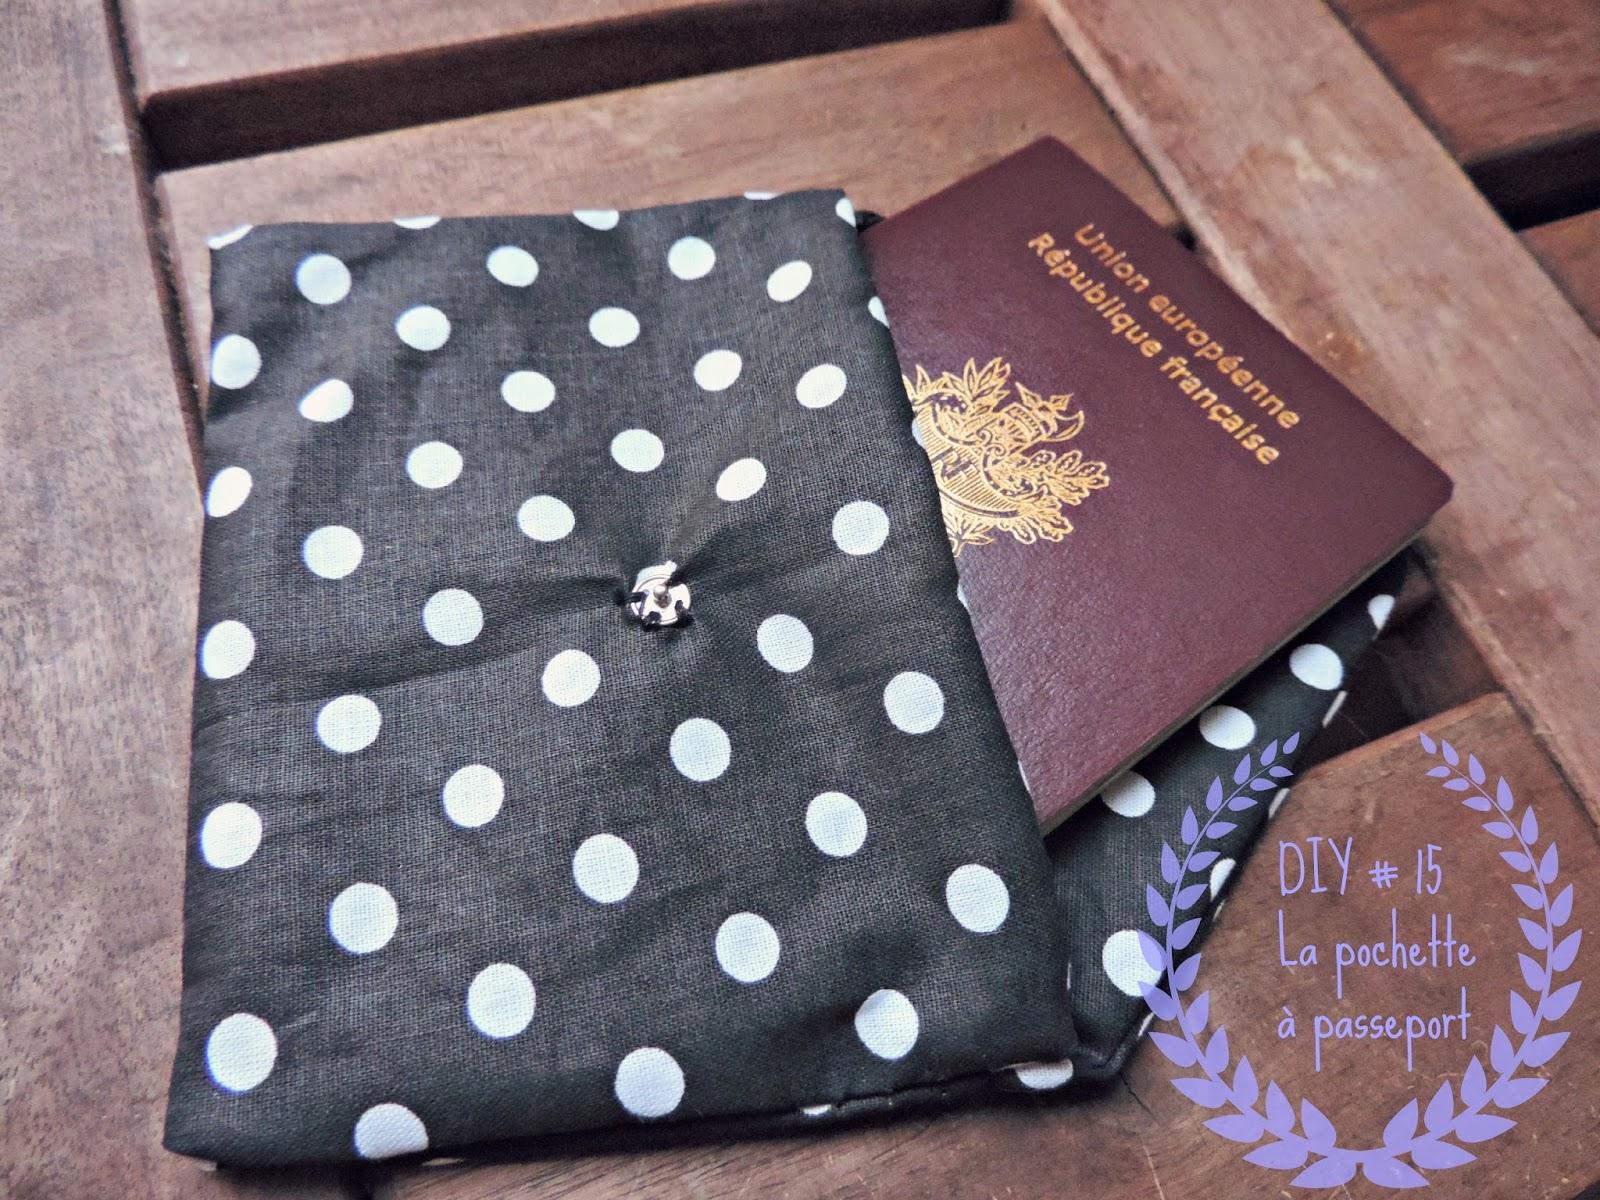 http://mynameisgeorges.blogspot.com/2014/07/diy-15-une-jolie-pochette-pour-mon.html